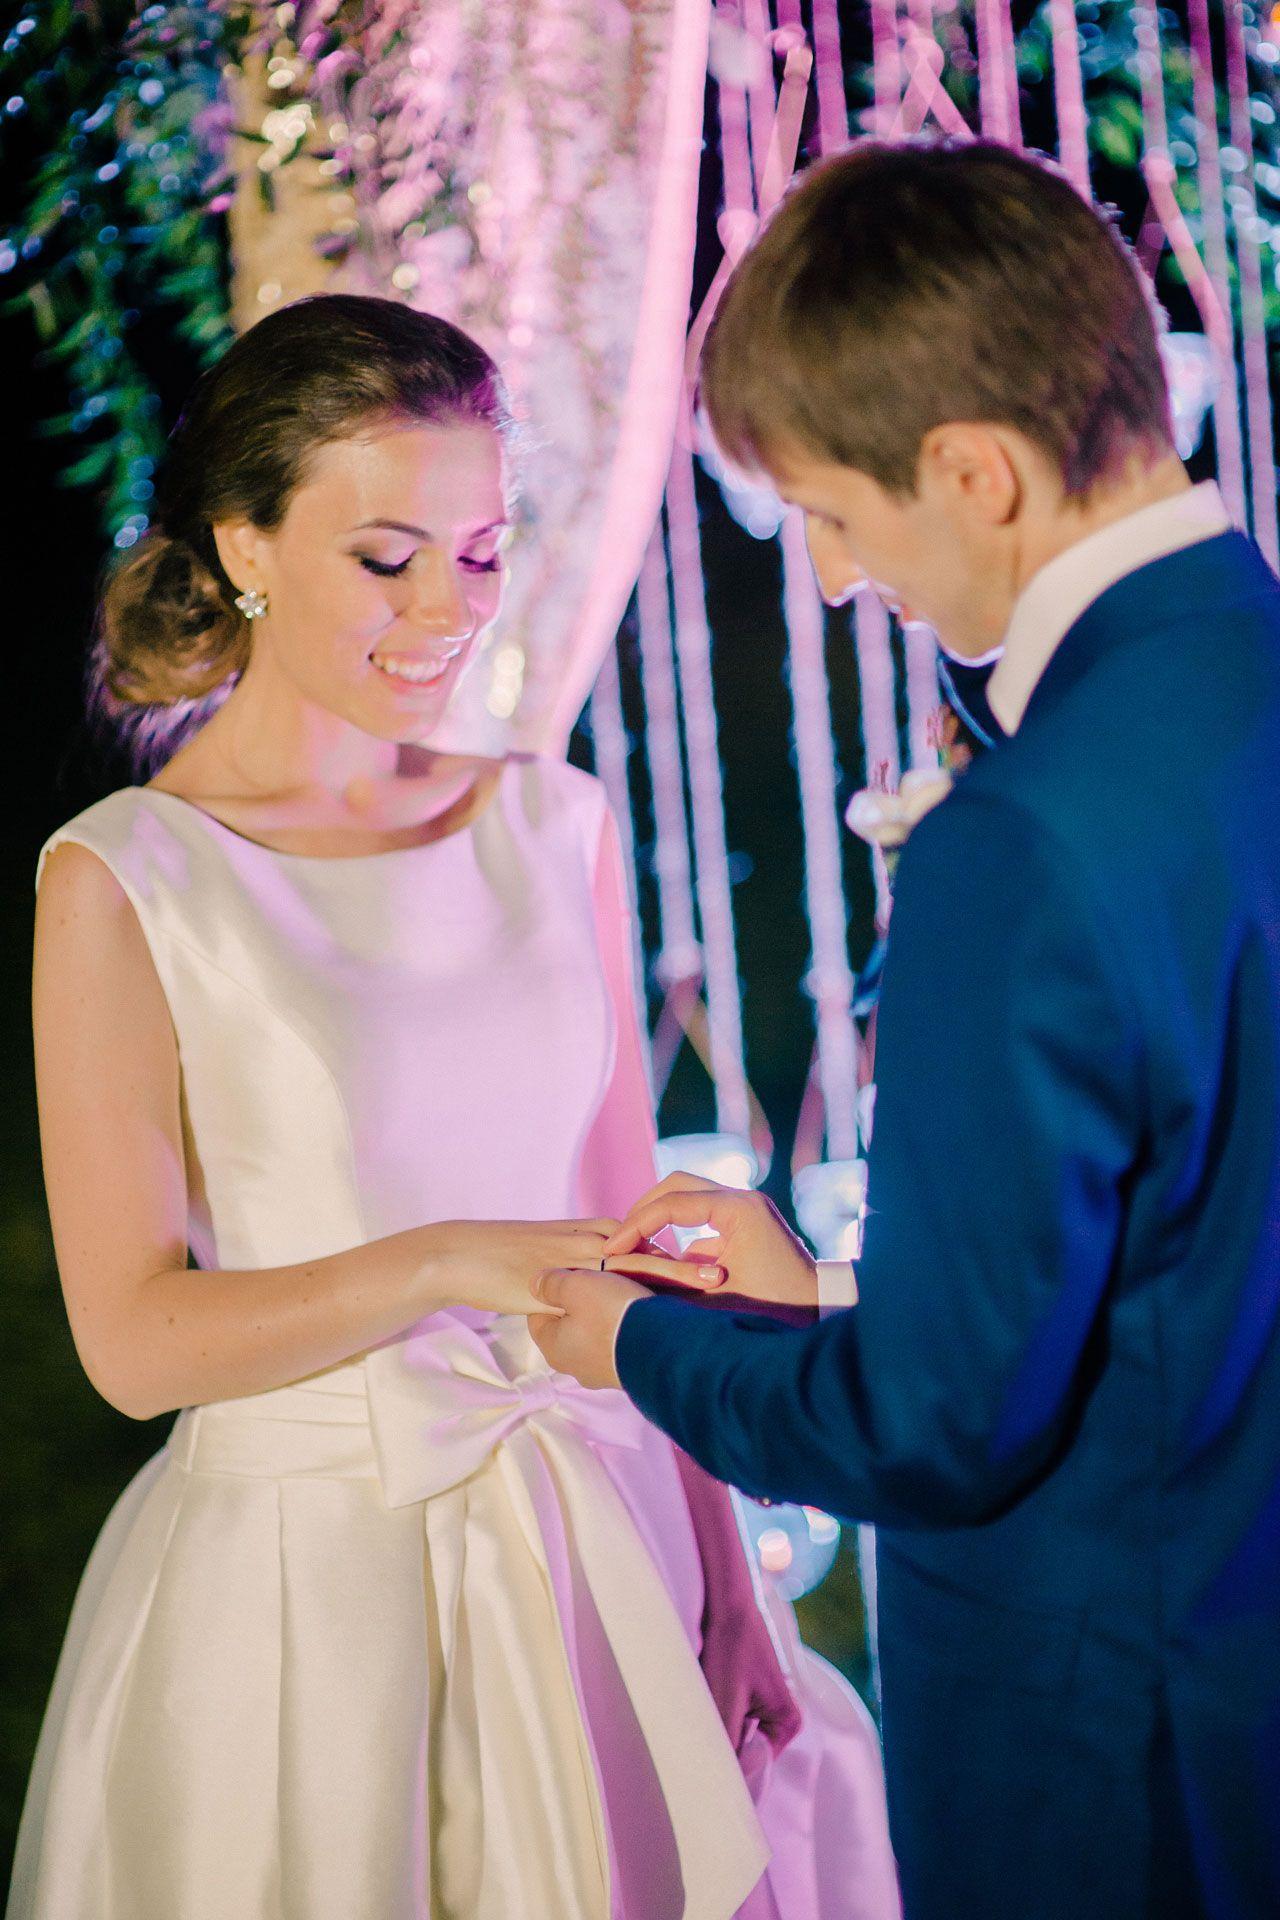 Вечер при свечах. Свадьба Николая и Кристины фото 25